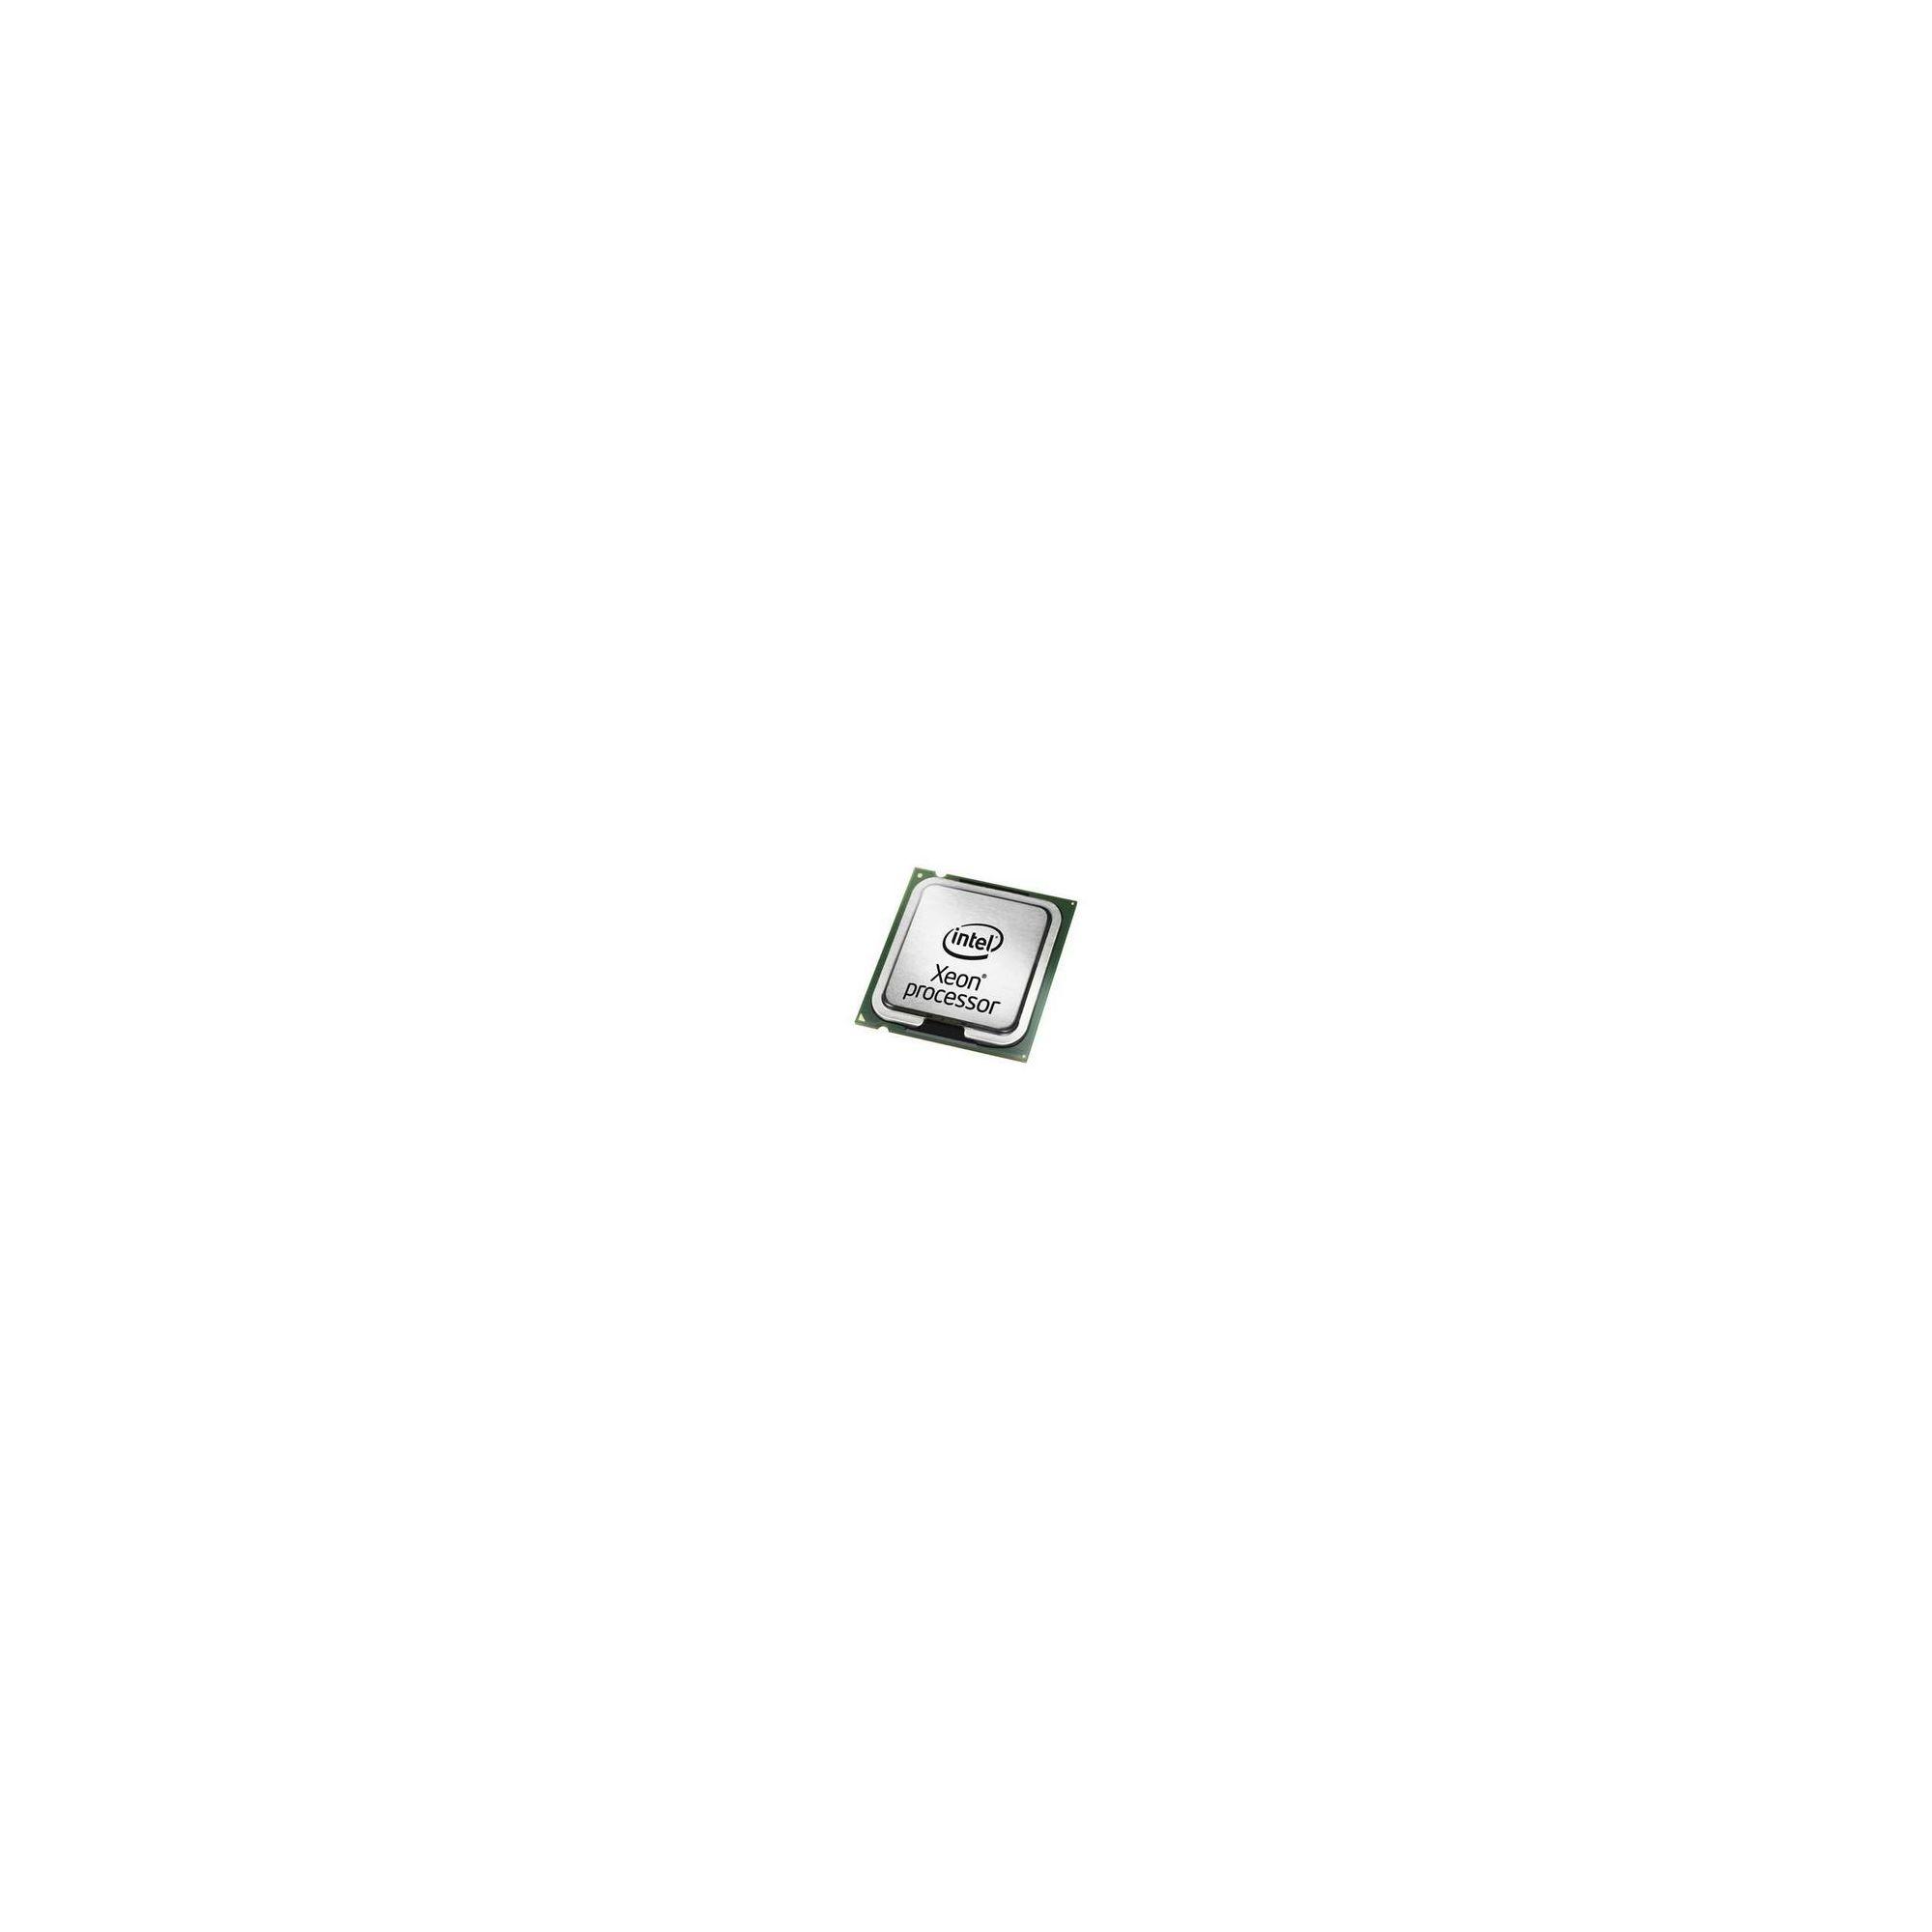 Intel Xeon X3470 at Tesco Direct